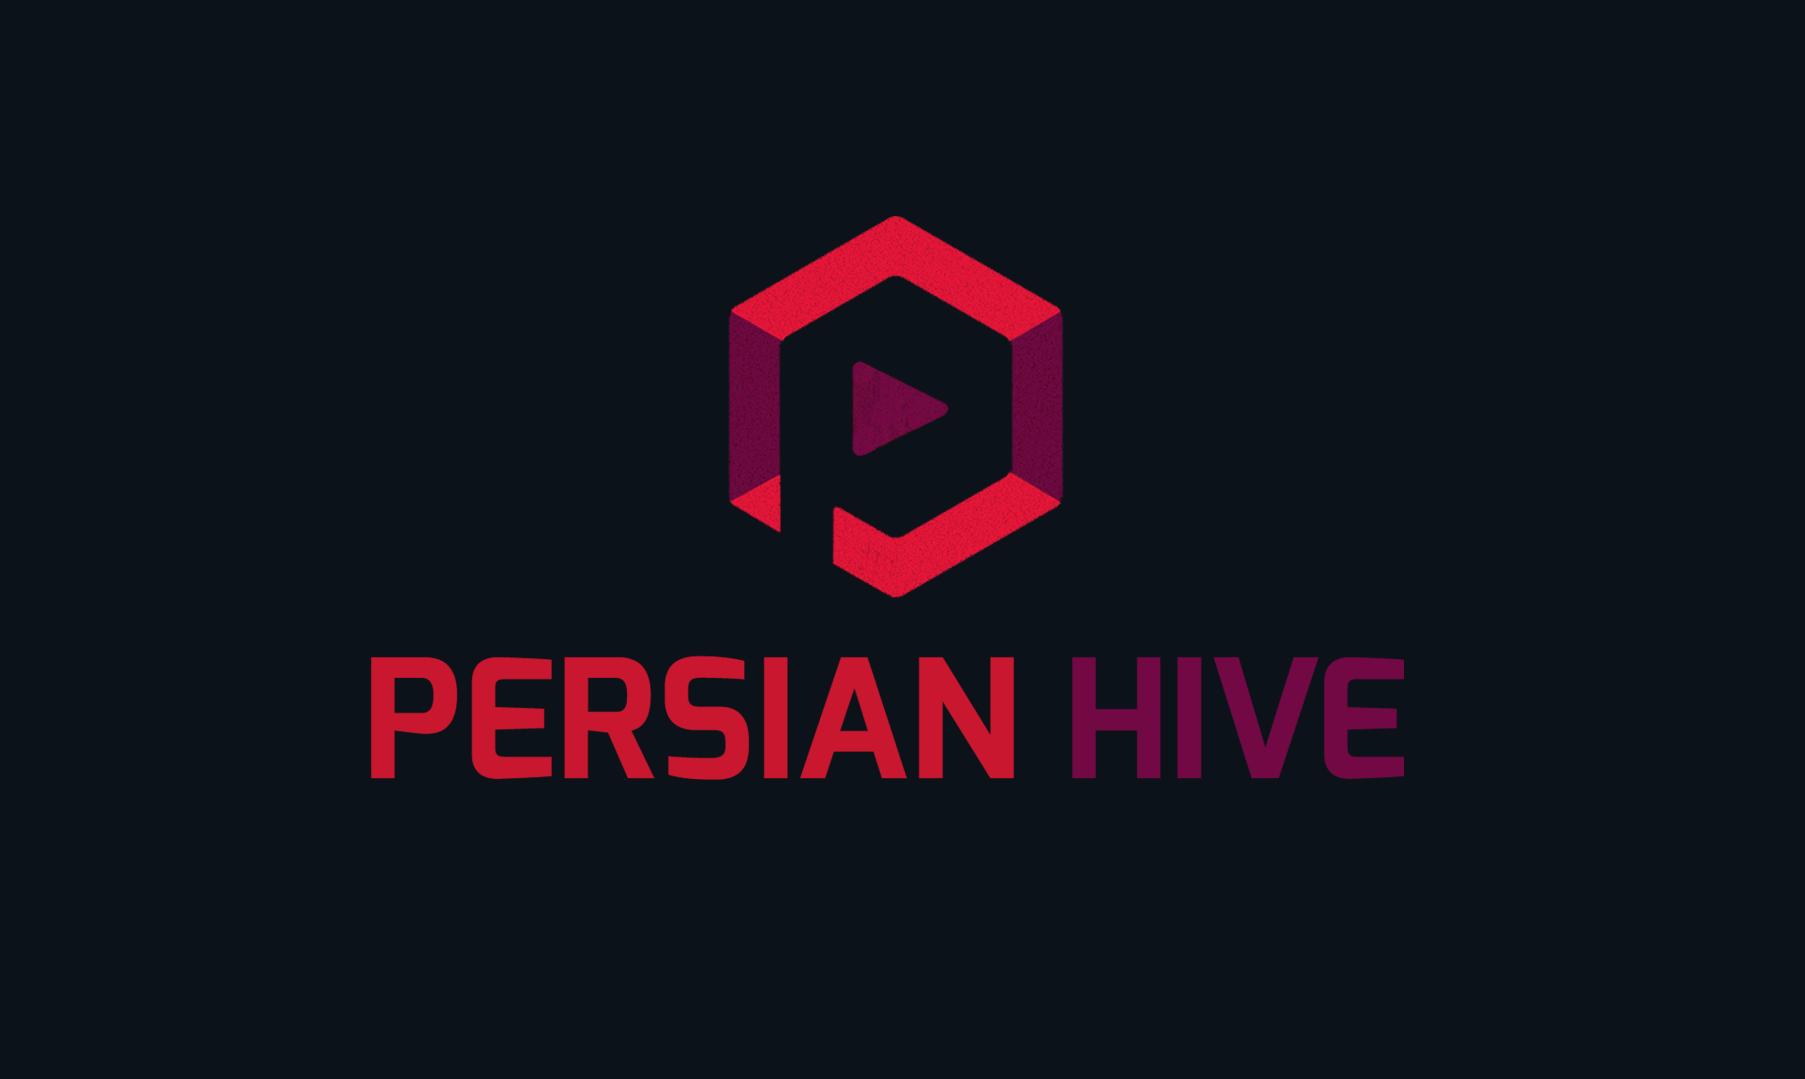 Persian Hive